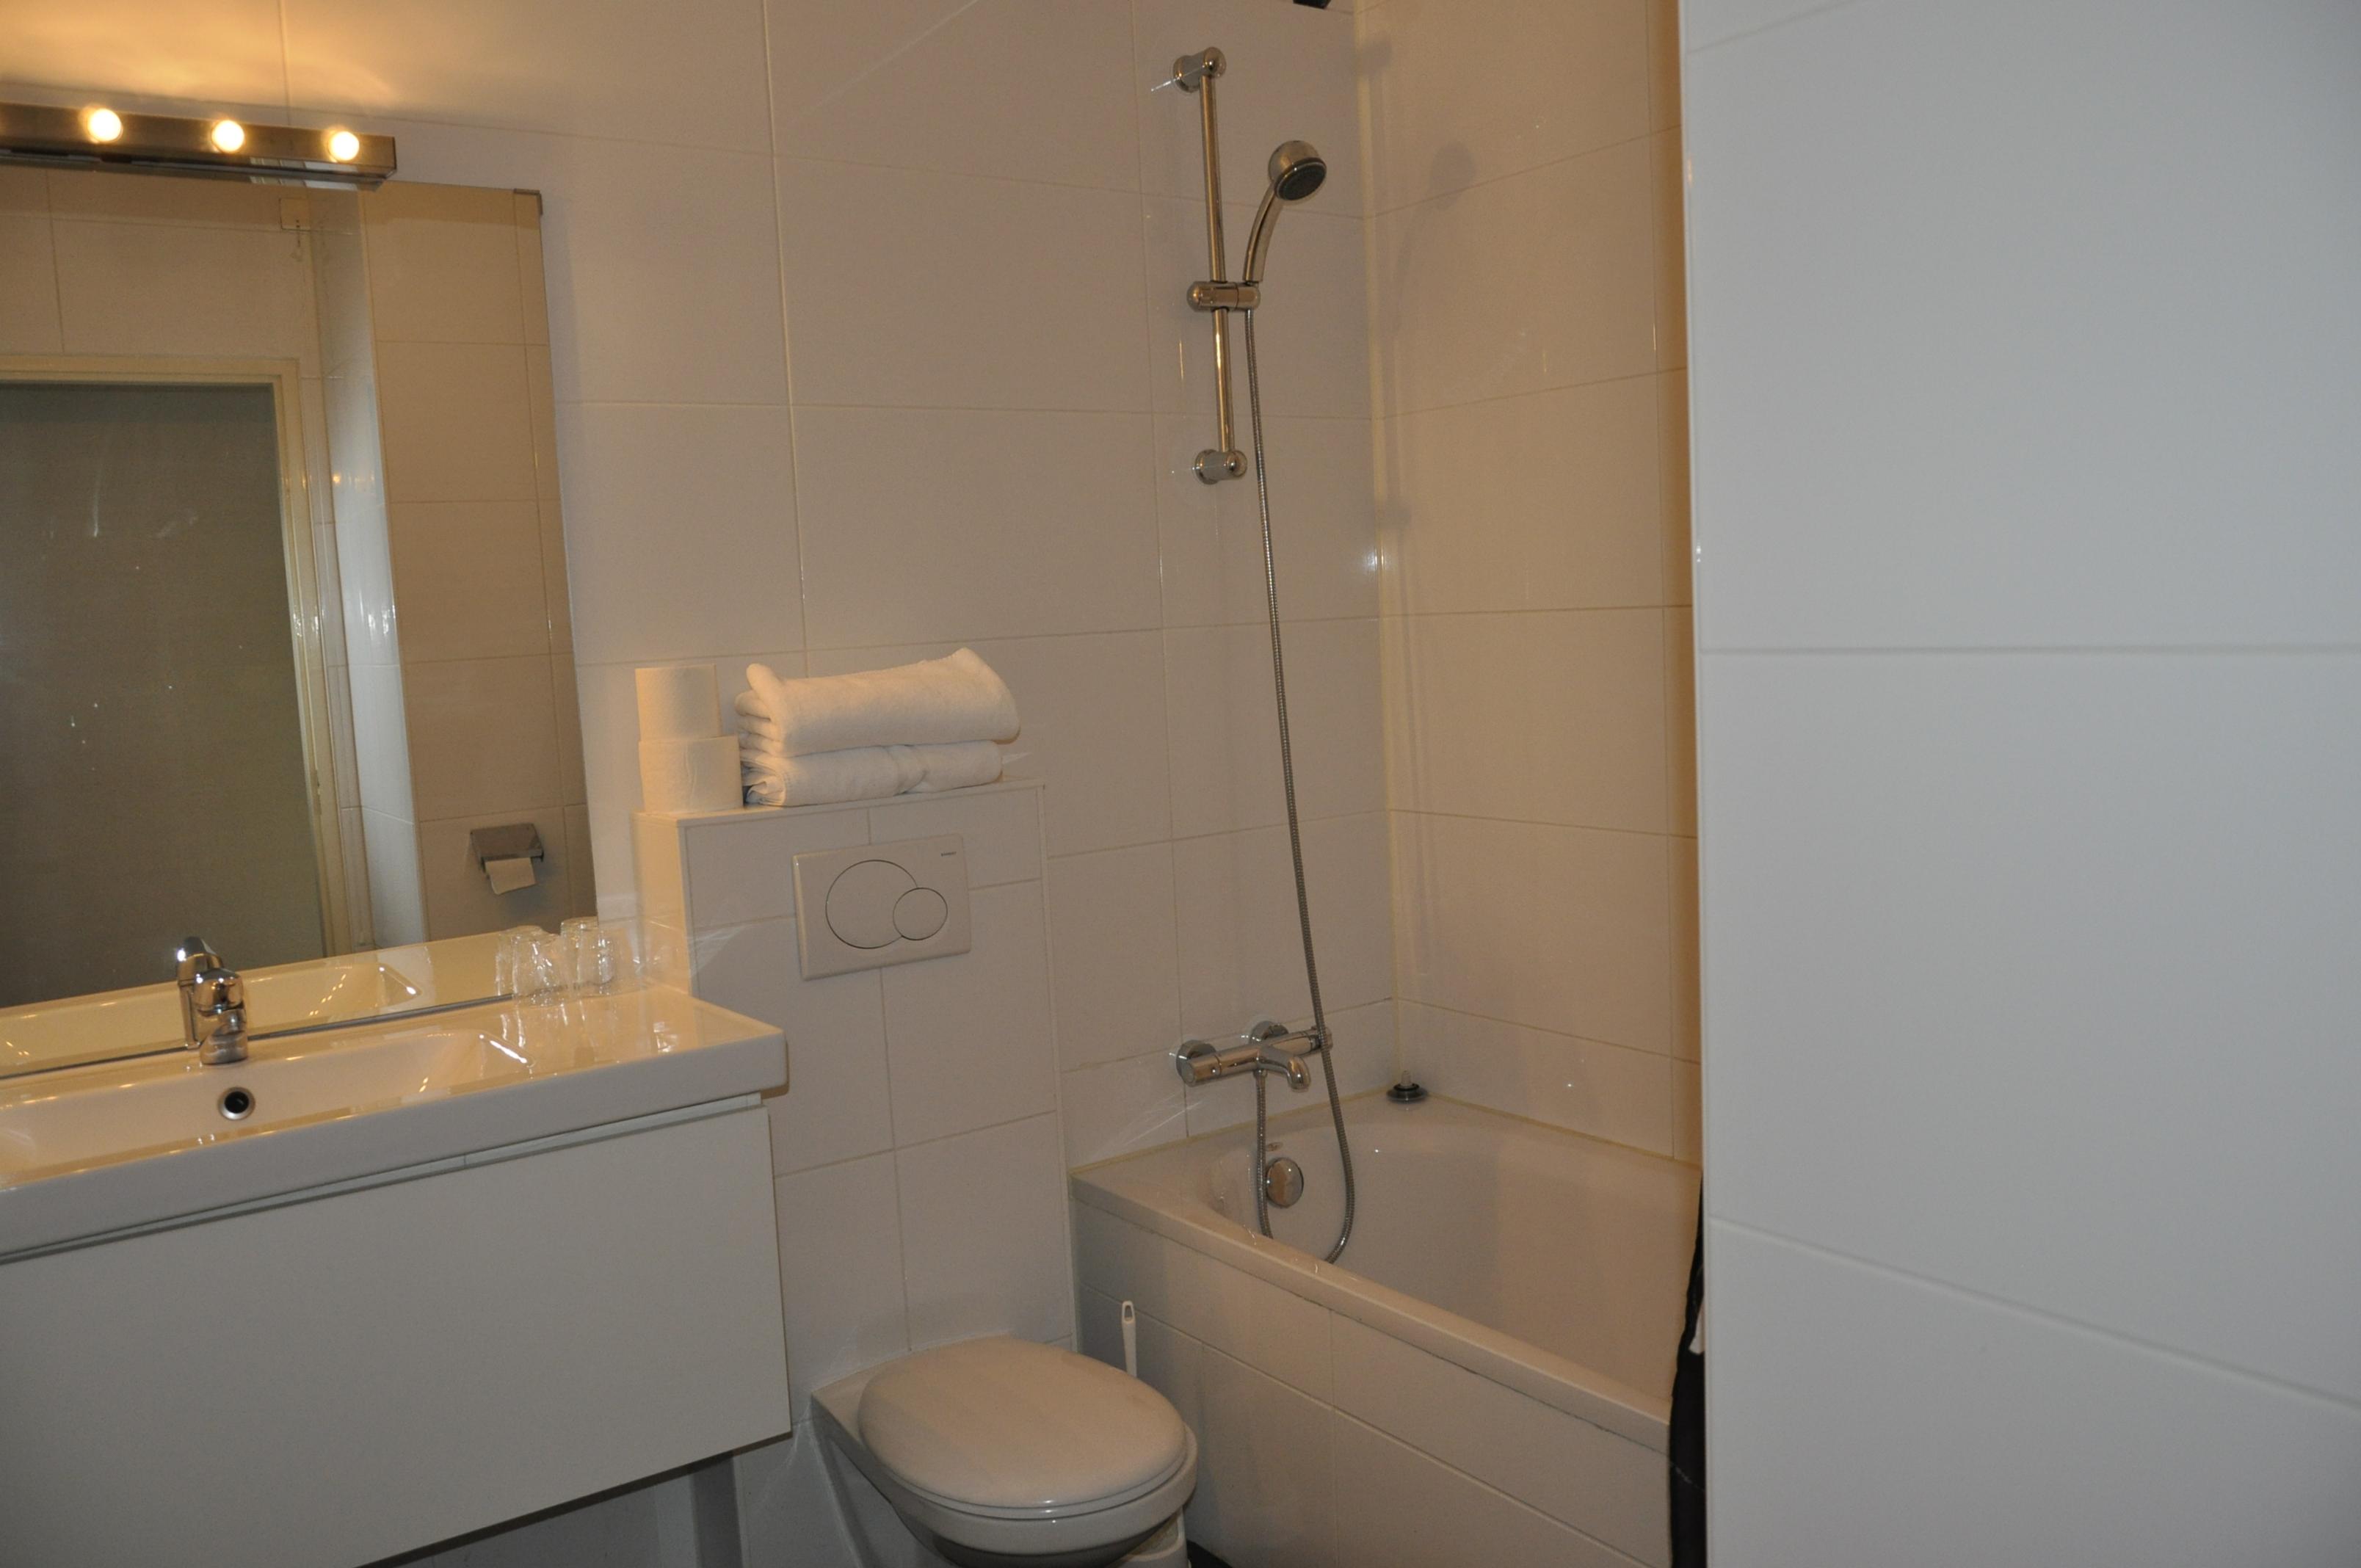 http://www.hotelmayflower.nl/wp-content/uploads/2016/01/DSC0038.jpg